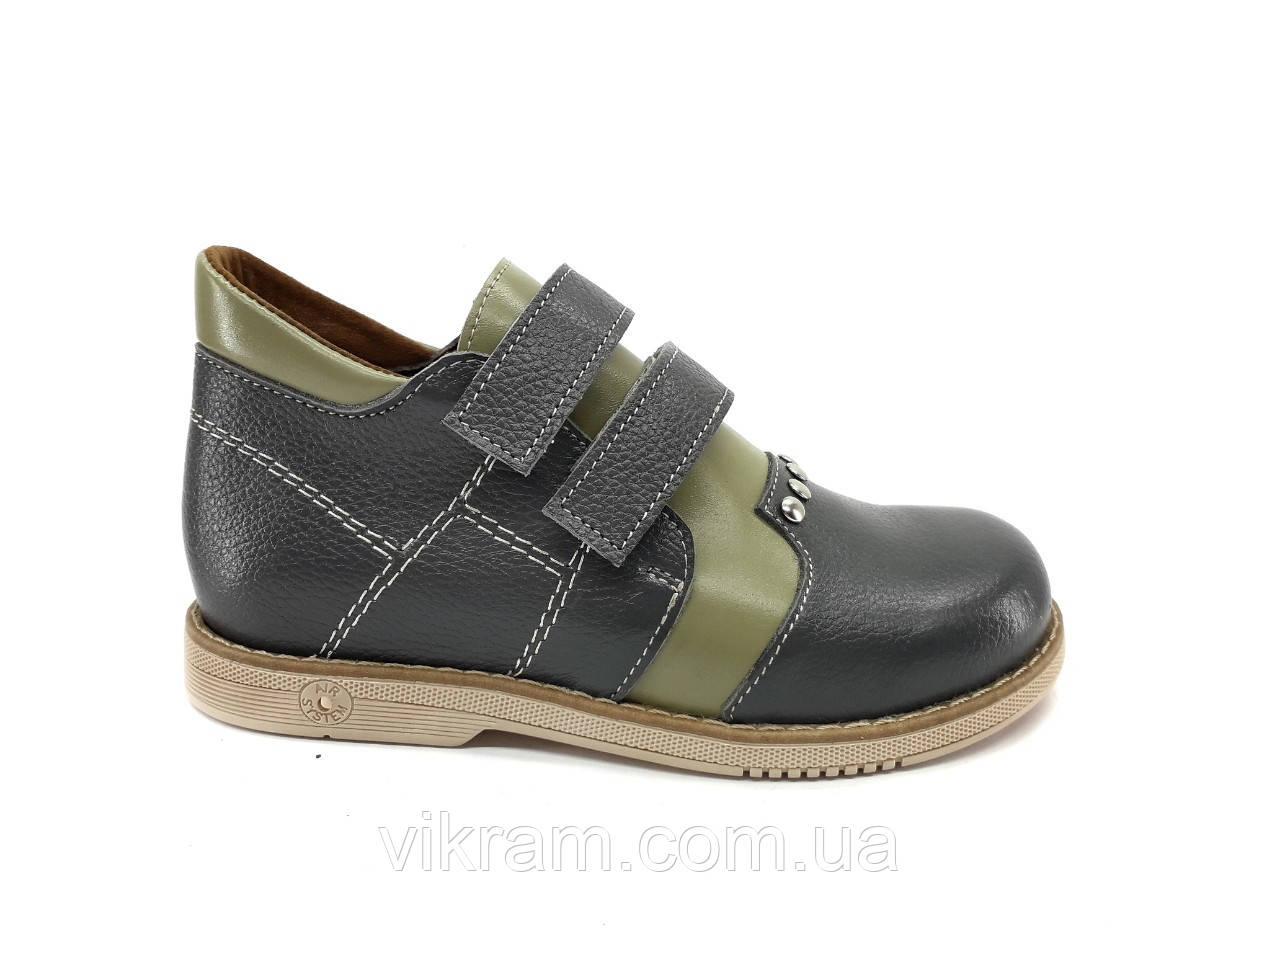 Кожаные детские ортопедические туфли VIKRAM.ORTO c 21р по 30р